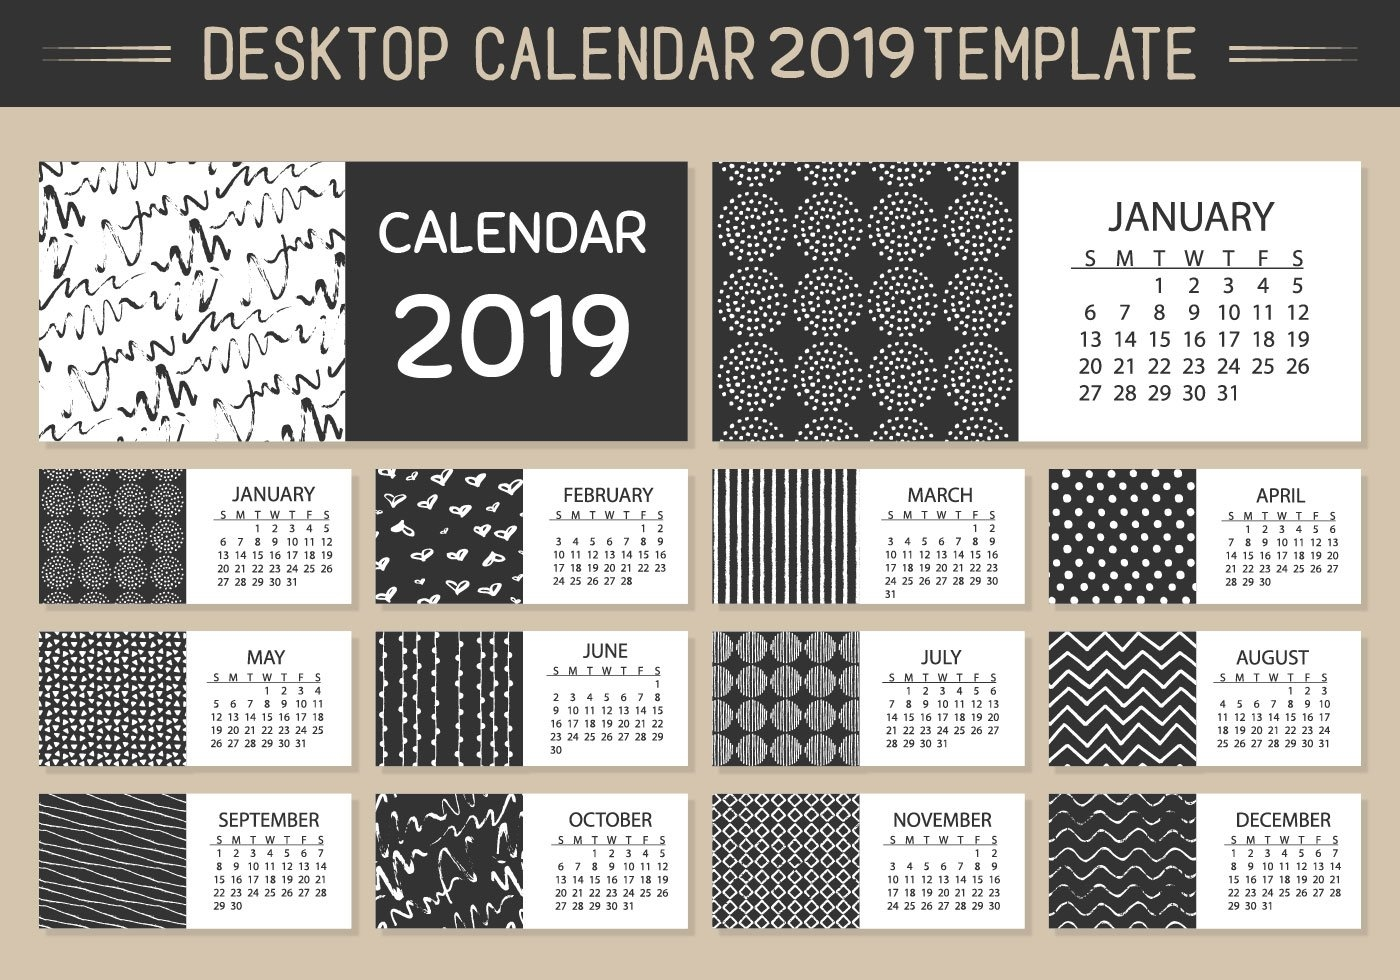 Monthly Desktop Calendar 2019 Vector Template – Download Free Vector Calendar 2019 Desktop